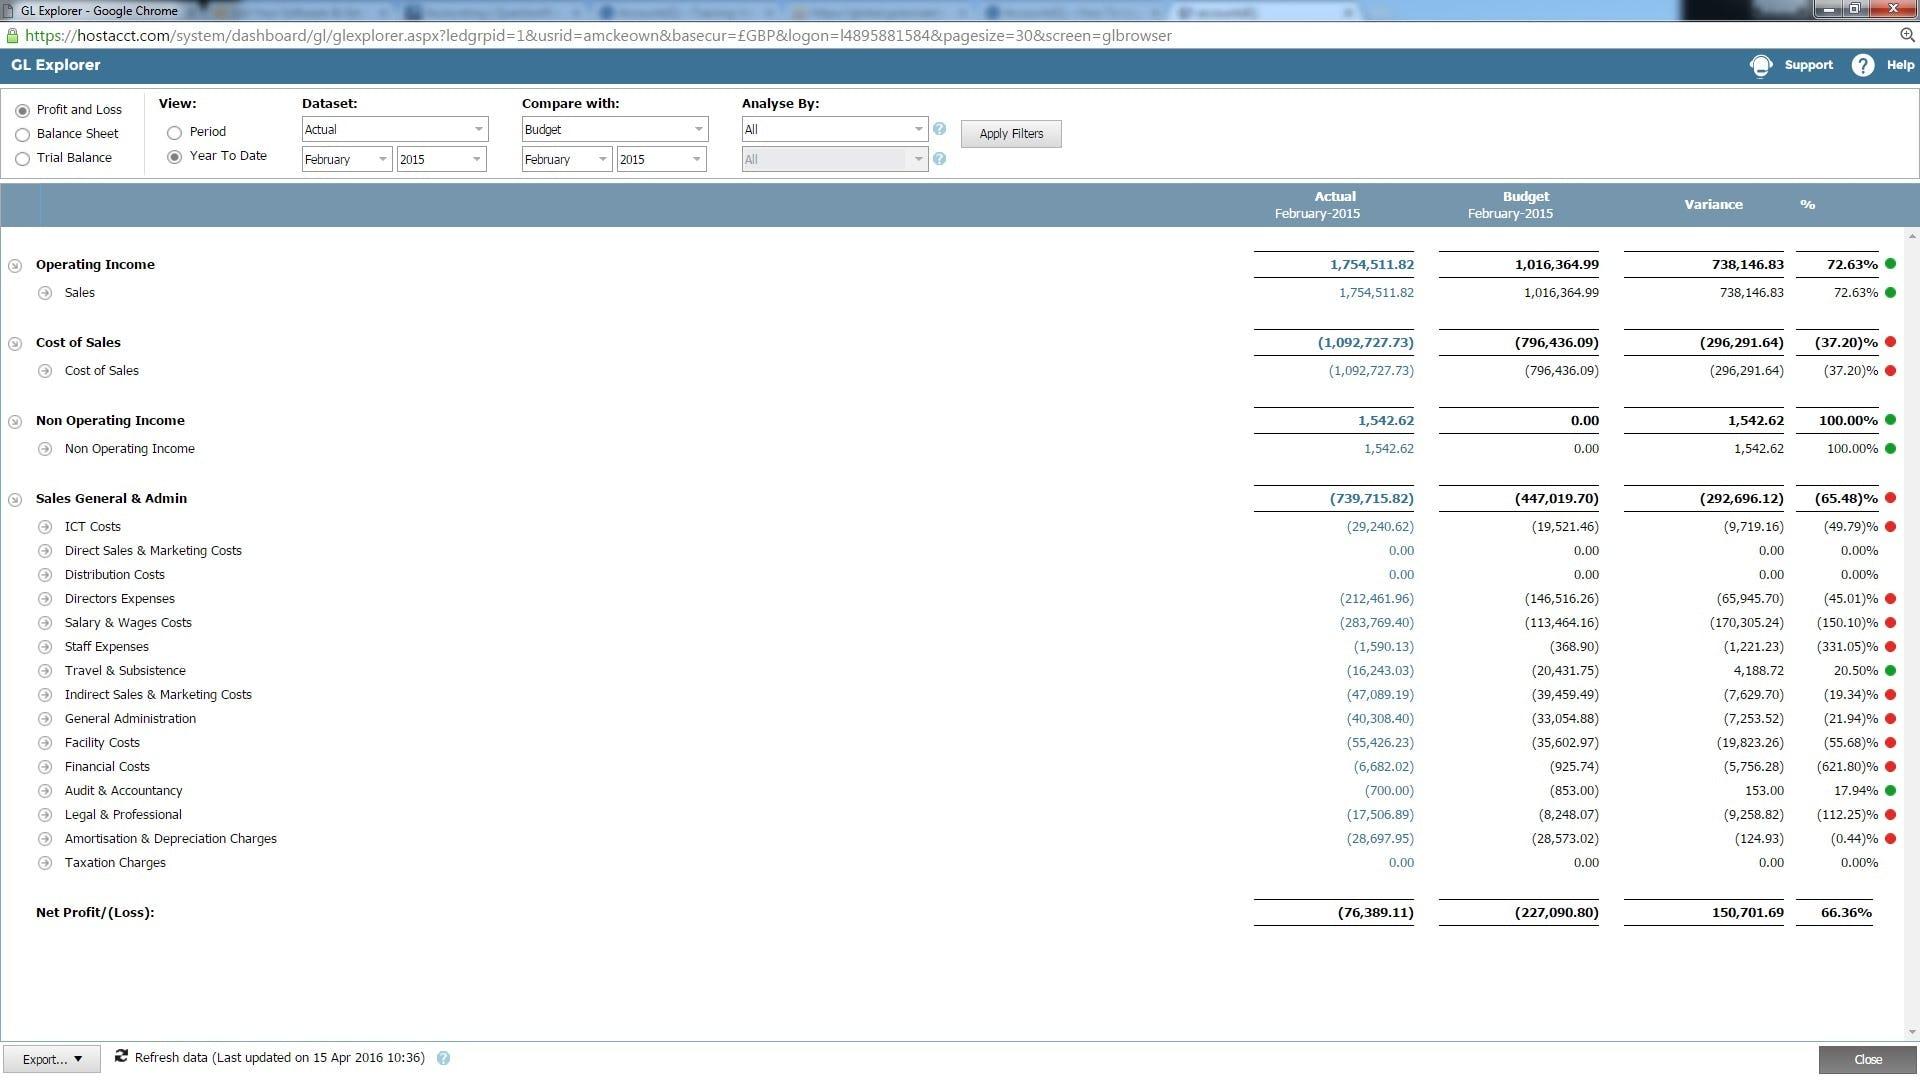 AccountsIQ Software - GL explorer